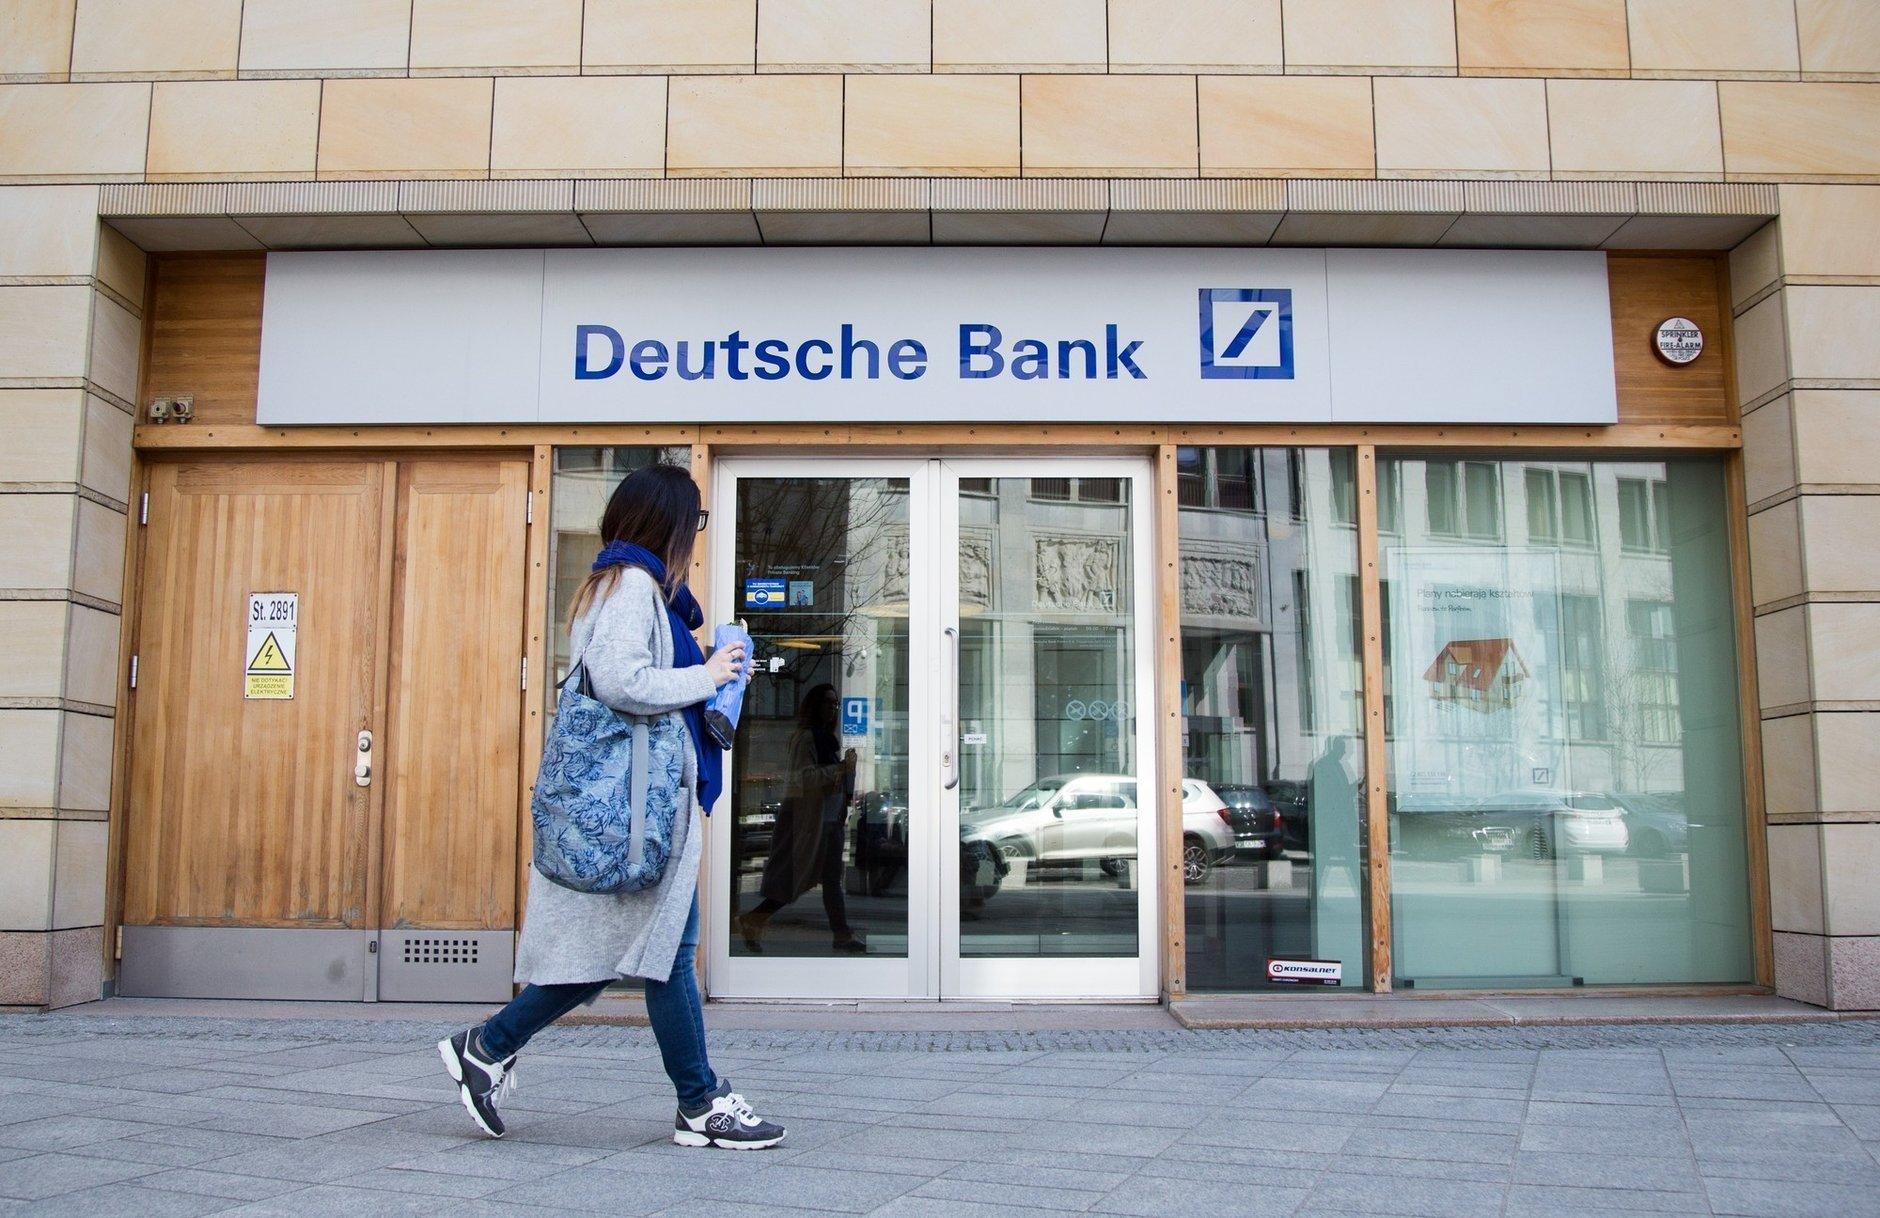 Bank wbk forex